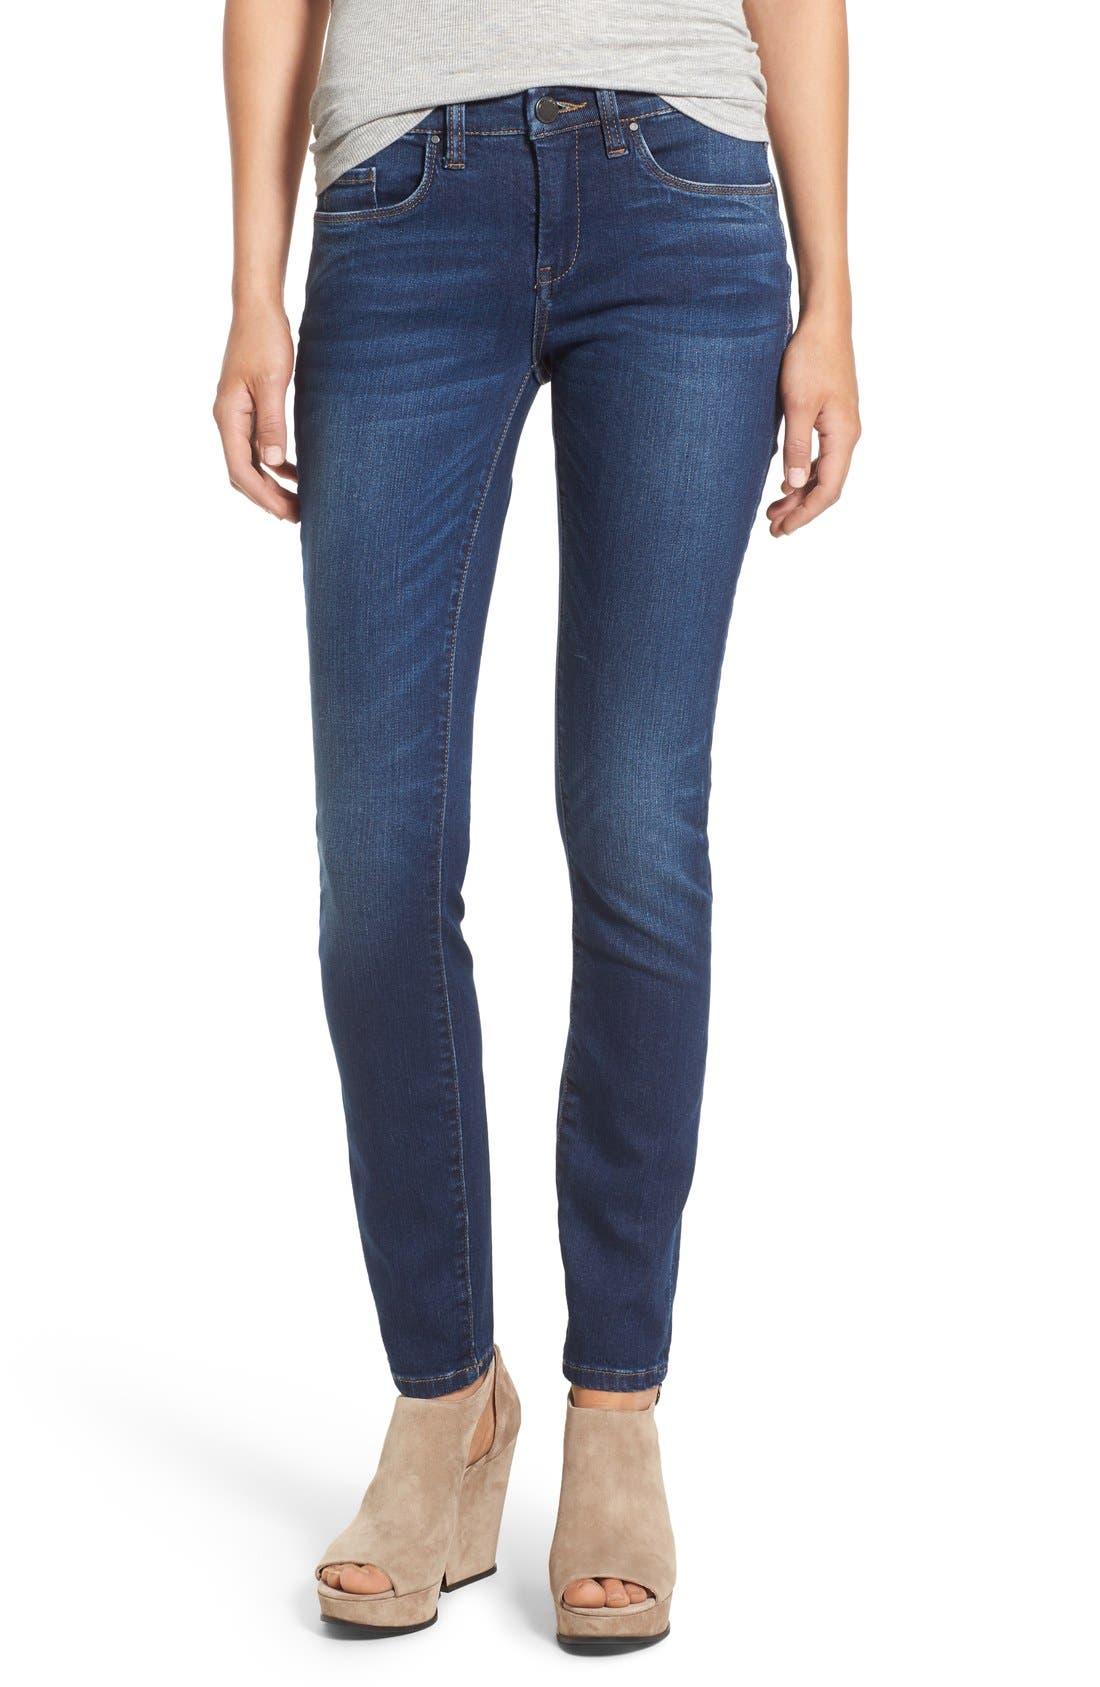 Alternate Image 1 Selected - BLANKNYC 'Buffering' Skinny Jeans (Call it Karma)